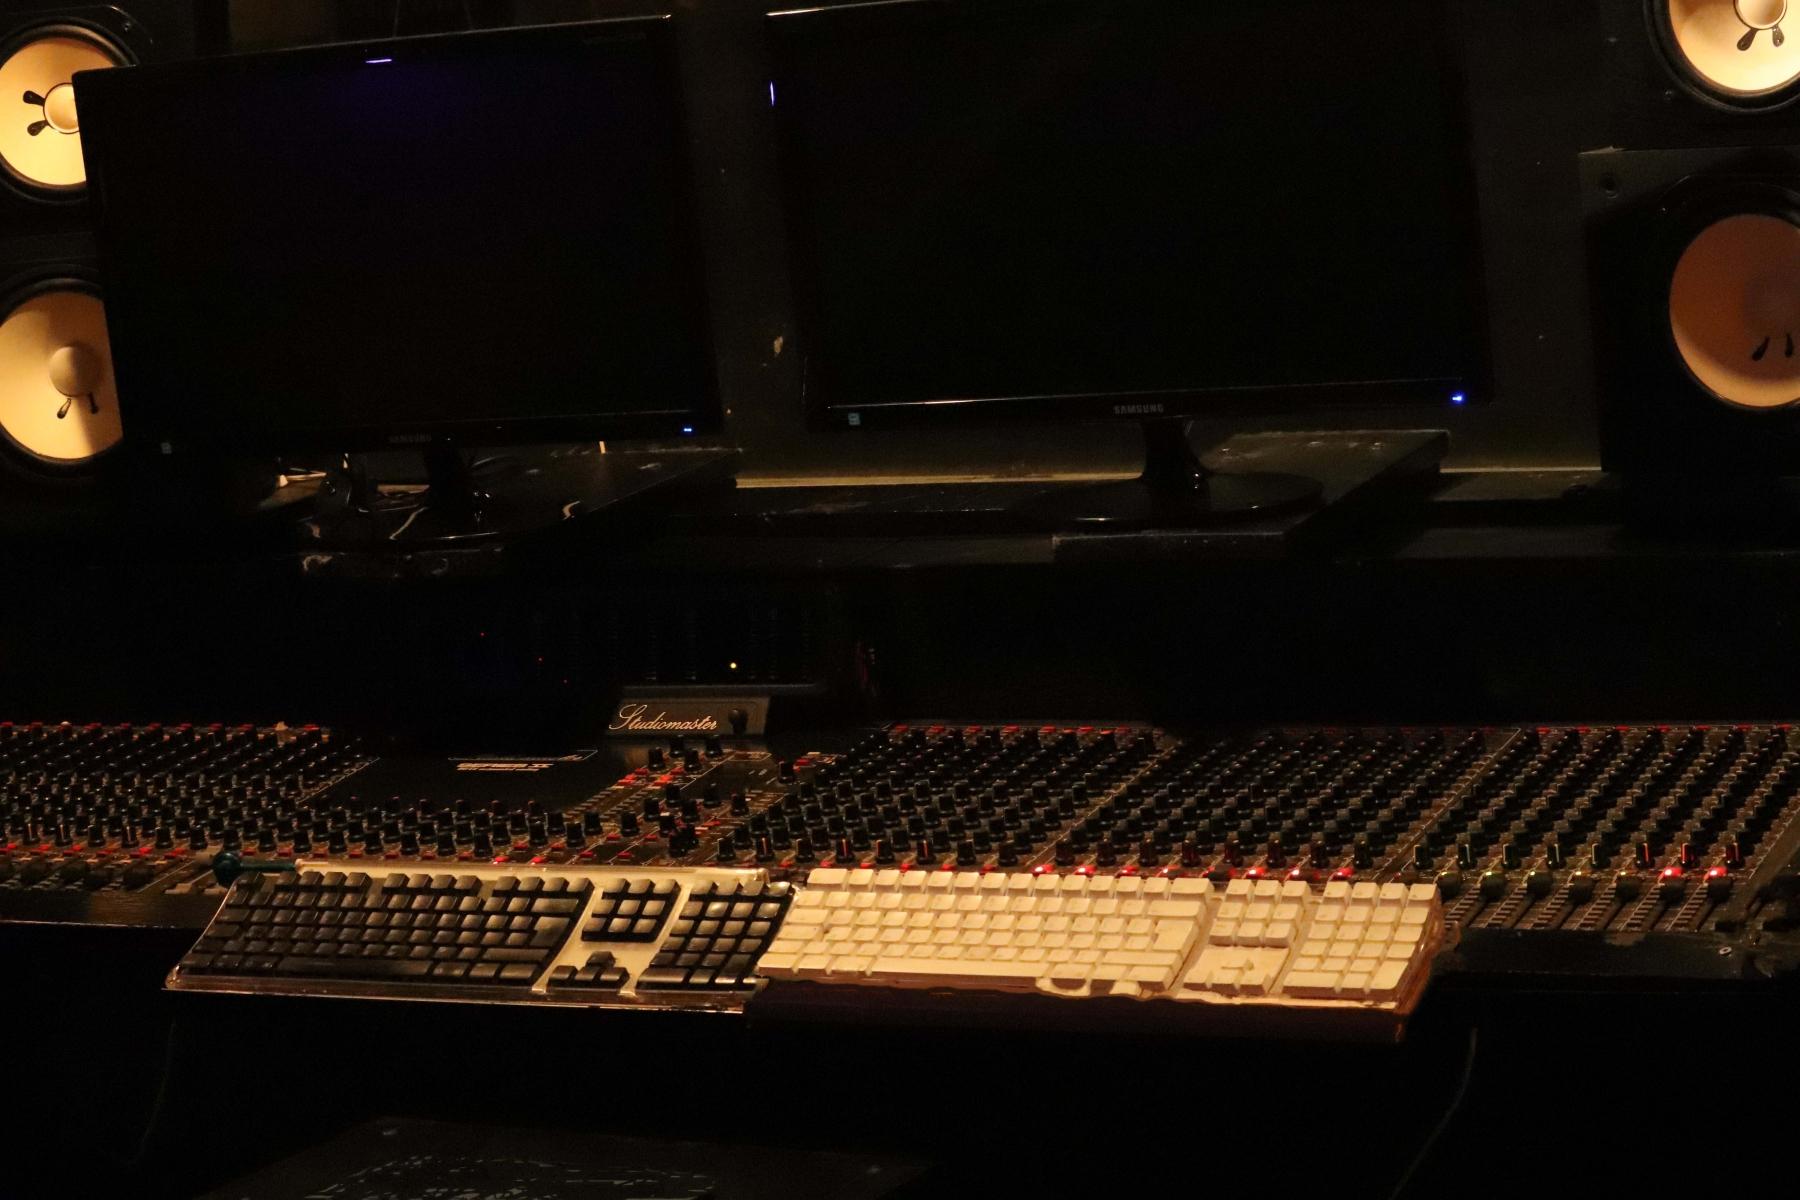 mixer 2 edit 1202